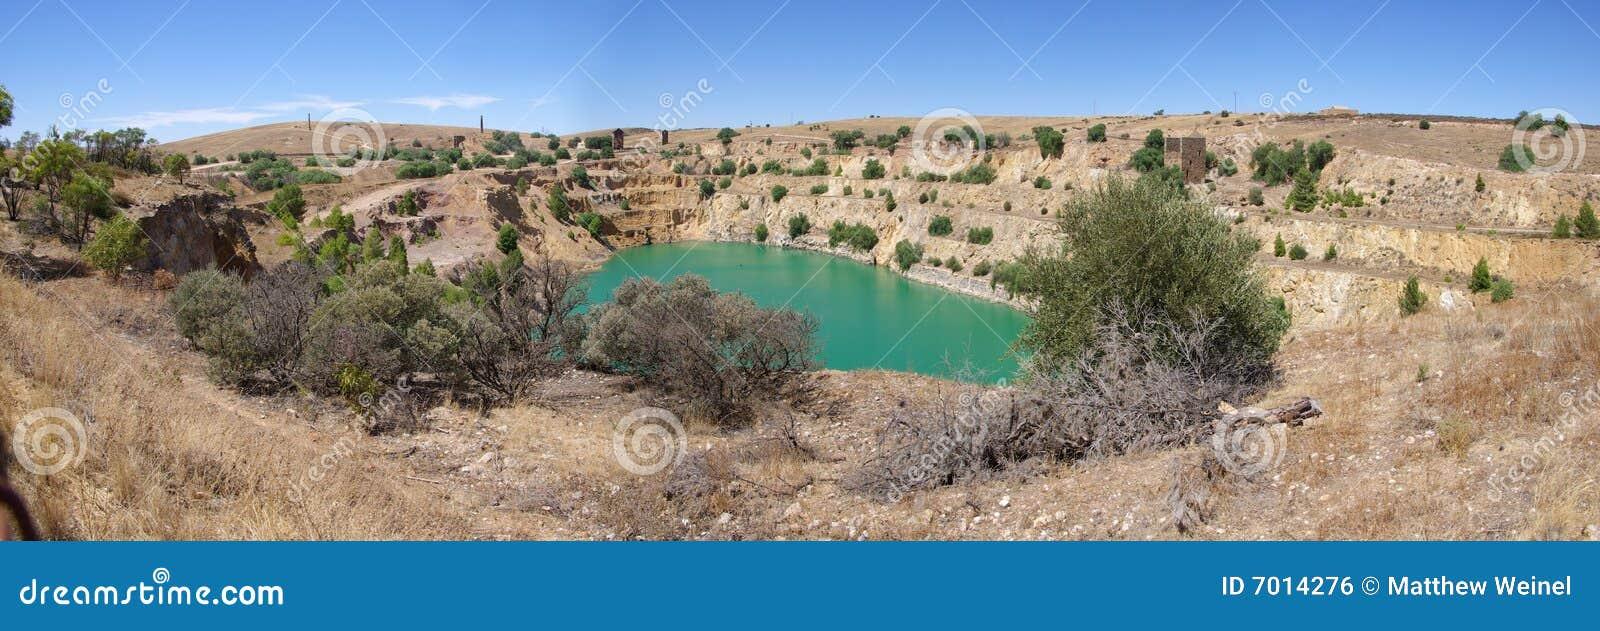 ορυχείο χαλκού burra